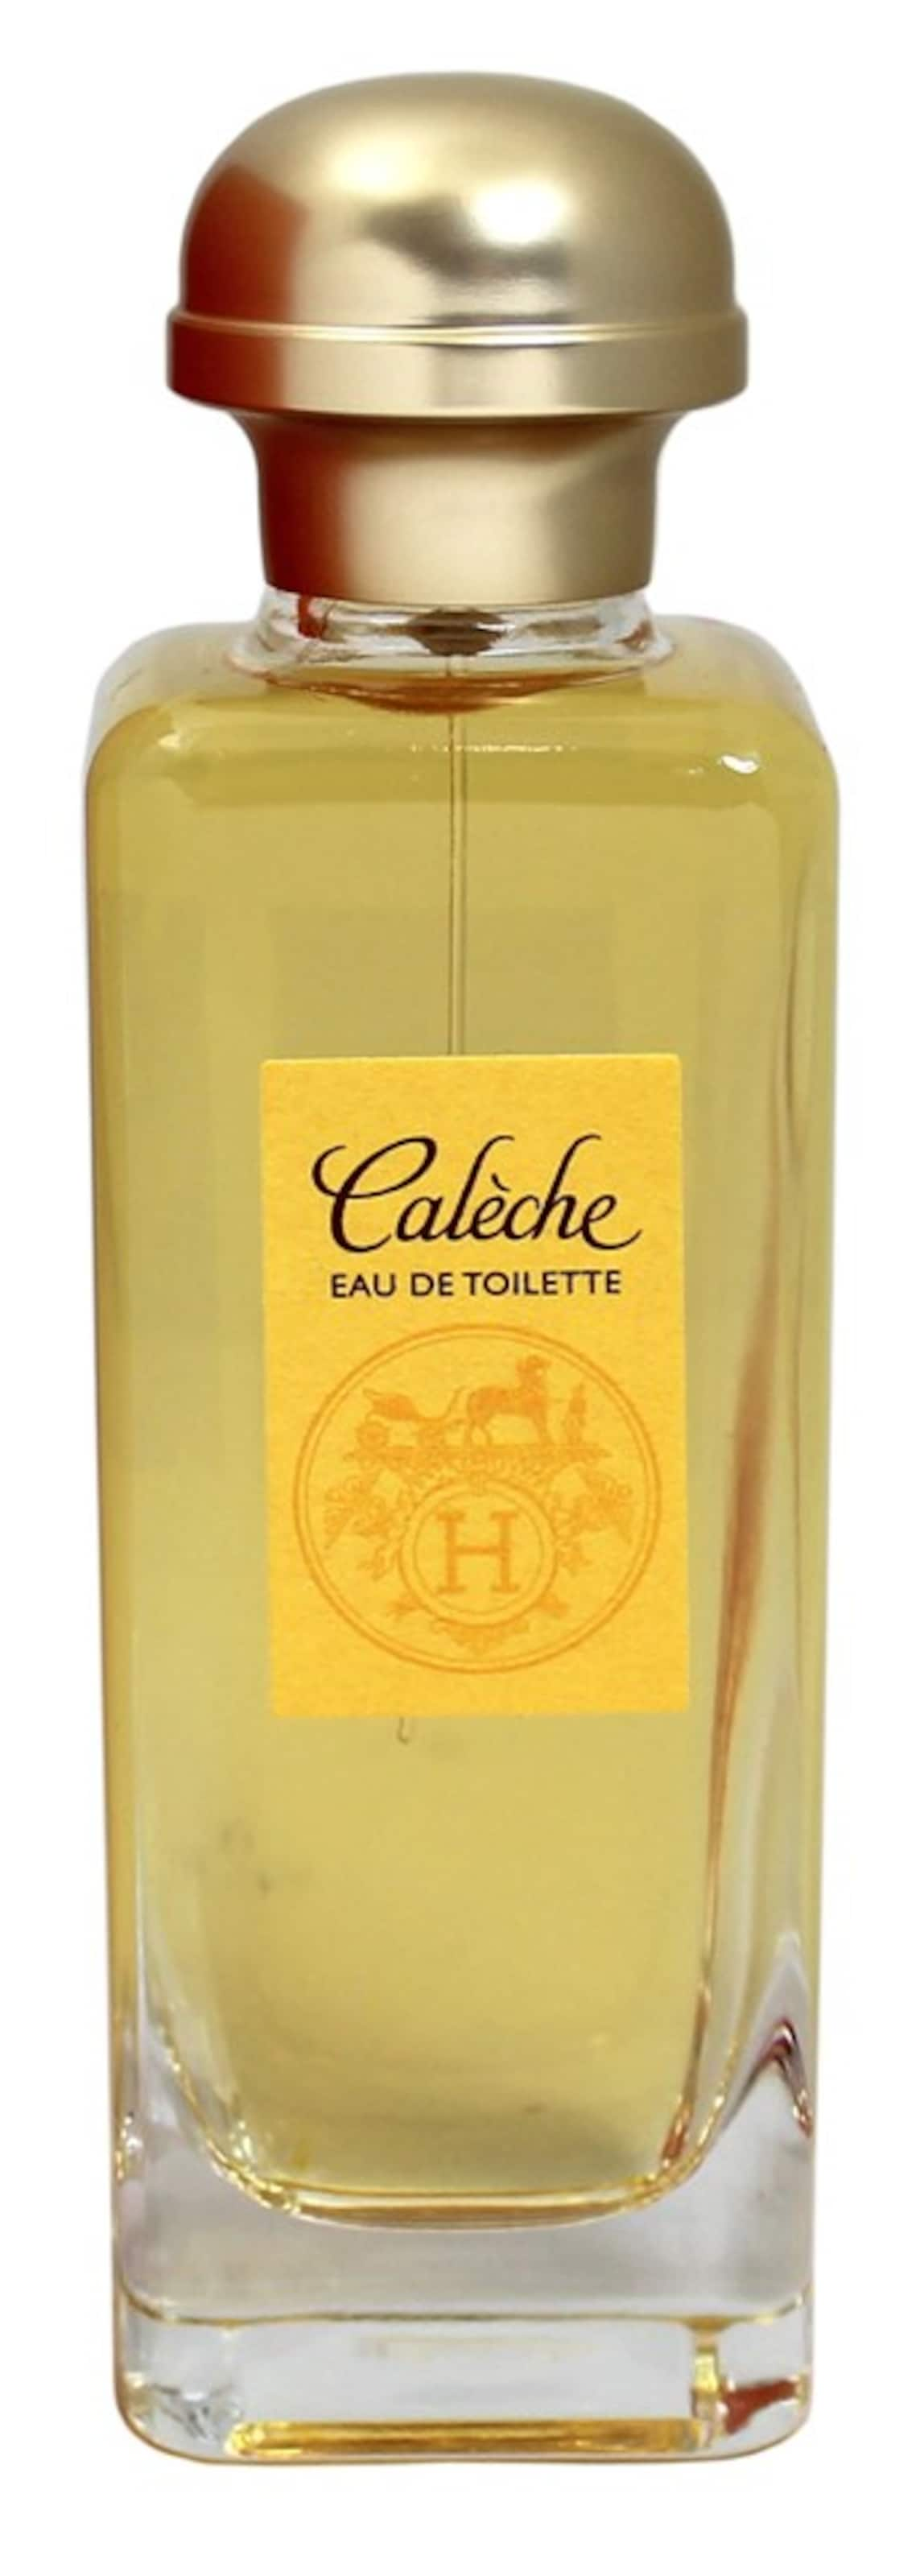 HERMÉS 'Calèche' Eau de Toilette Günstig Kaufen Shop ekv6CgE